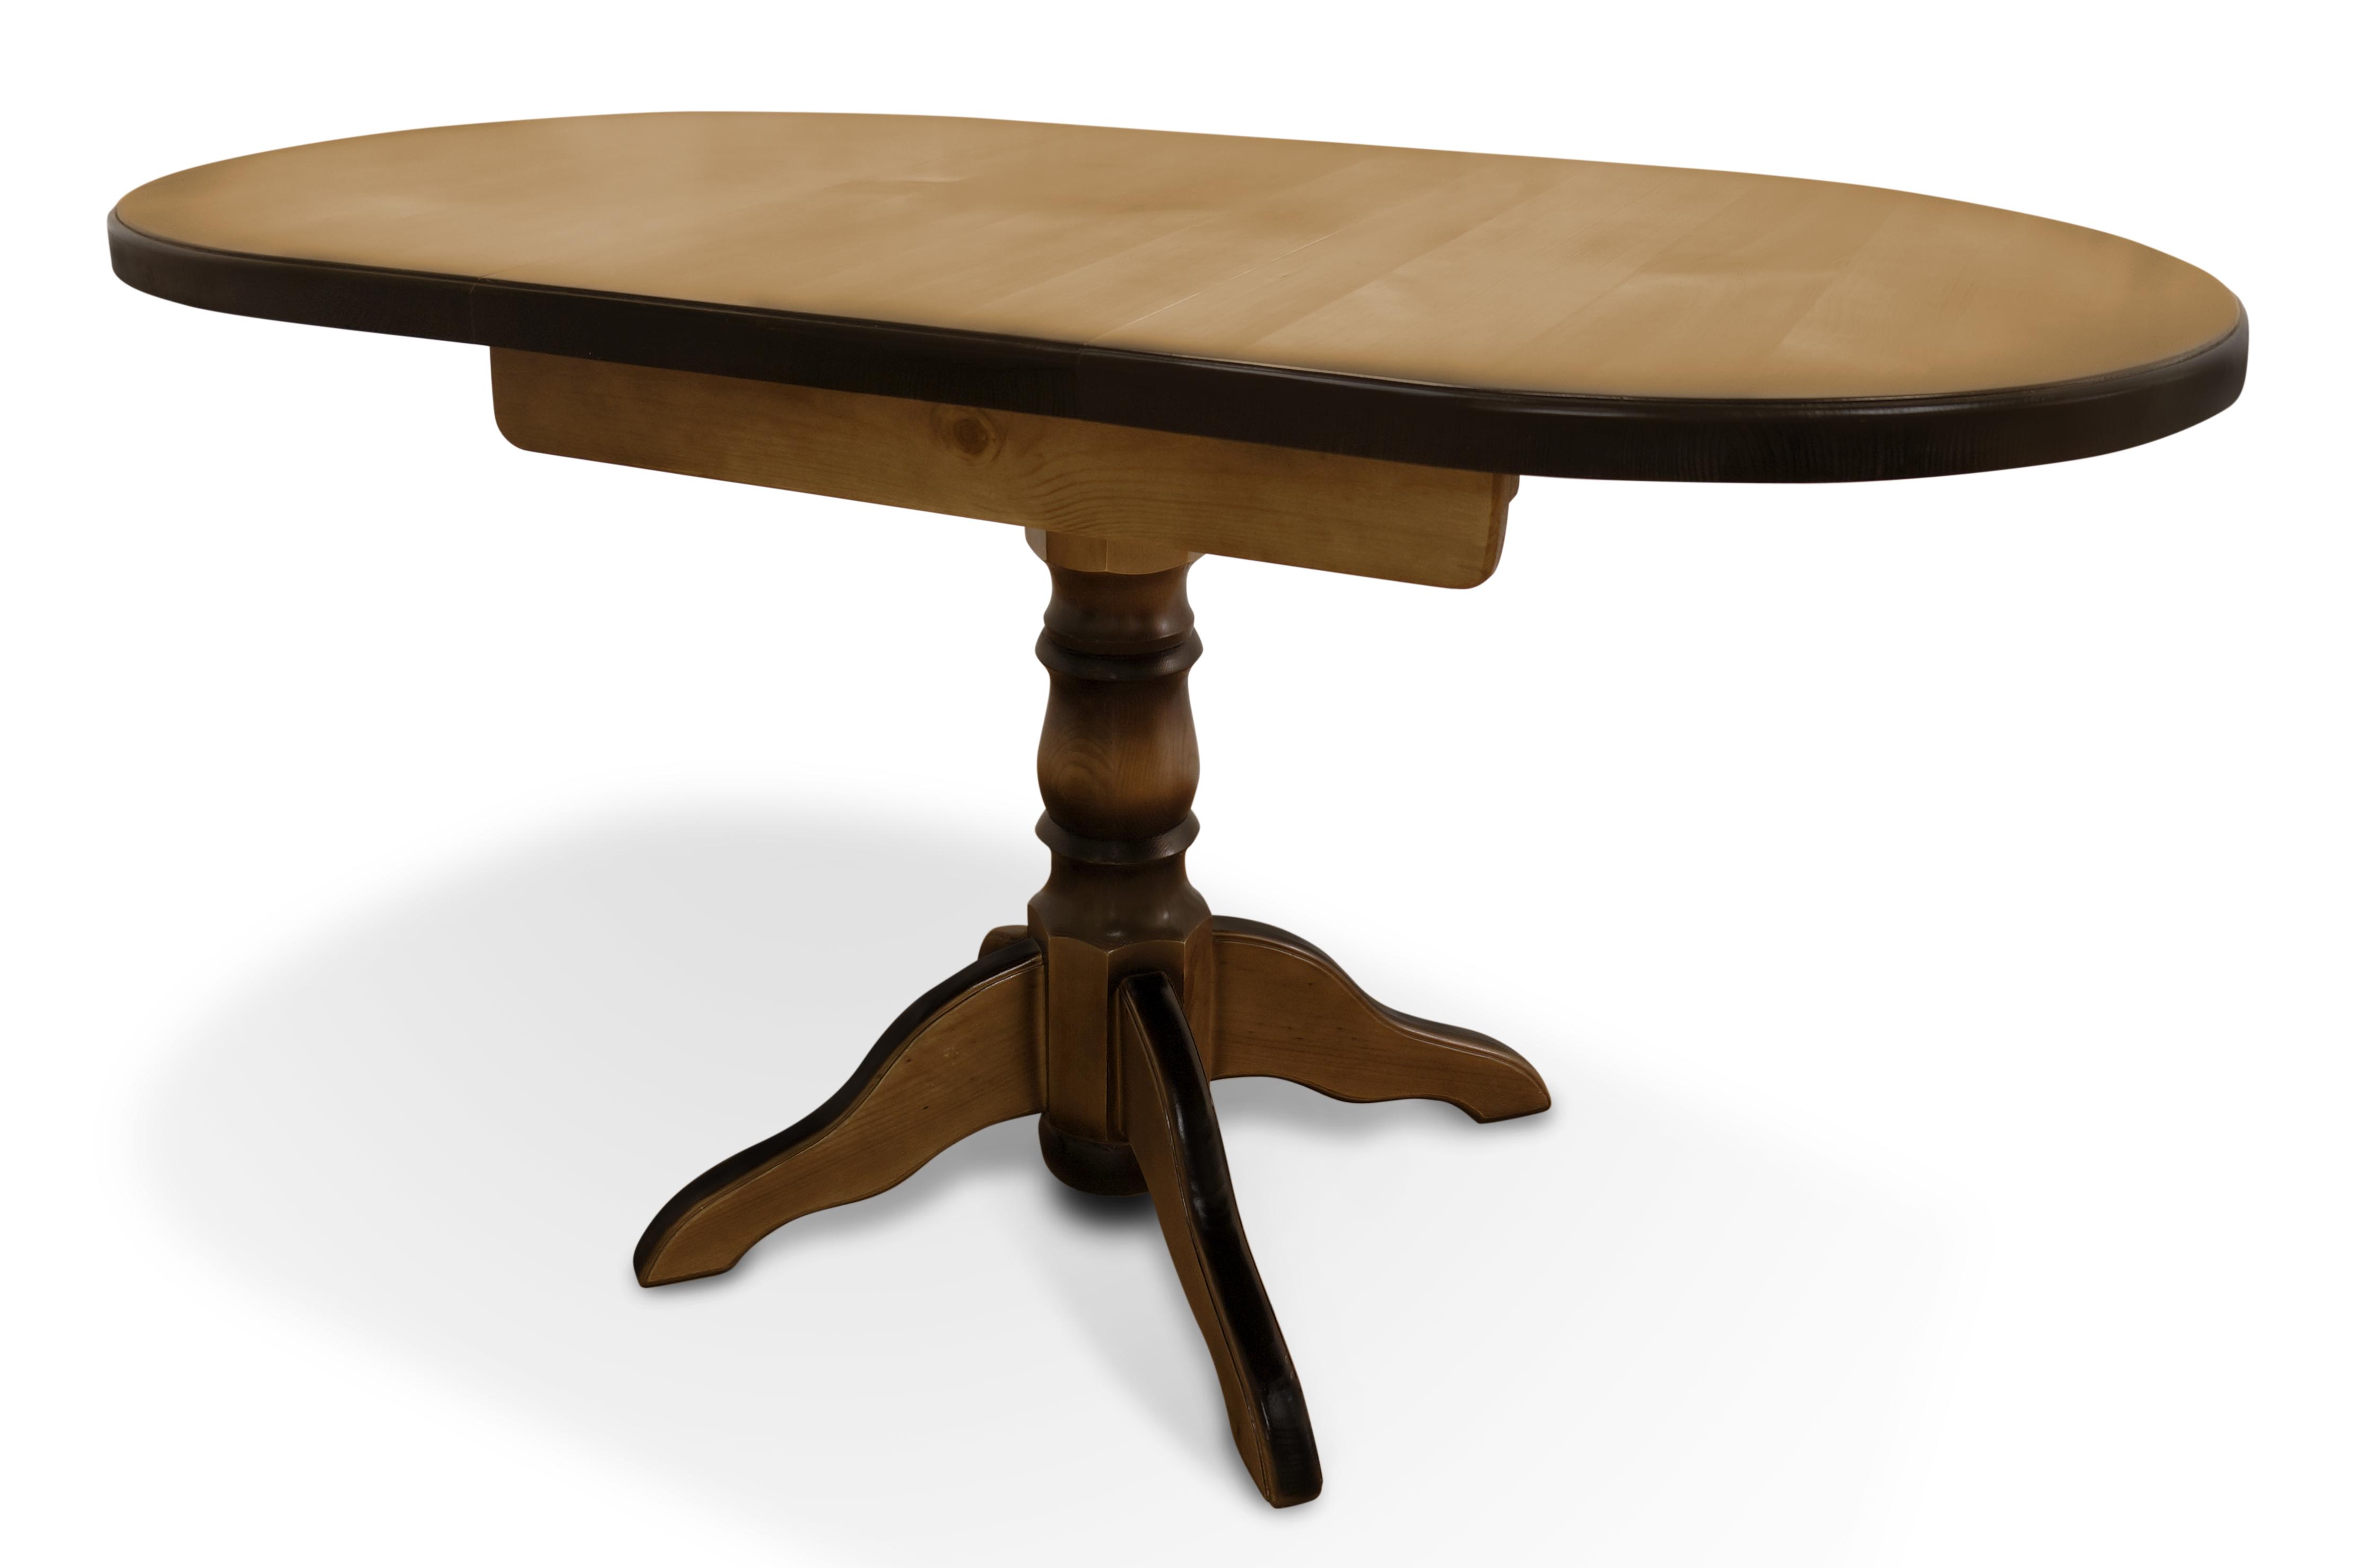 Стол из массива дерева Стенфорд-1 стол laredoute обеденный круглый из массива сосны authentic style 8 персоны бежевый